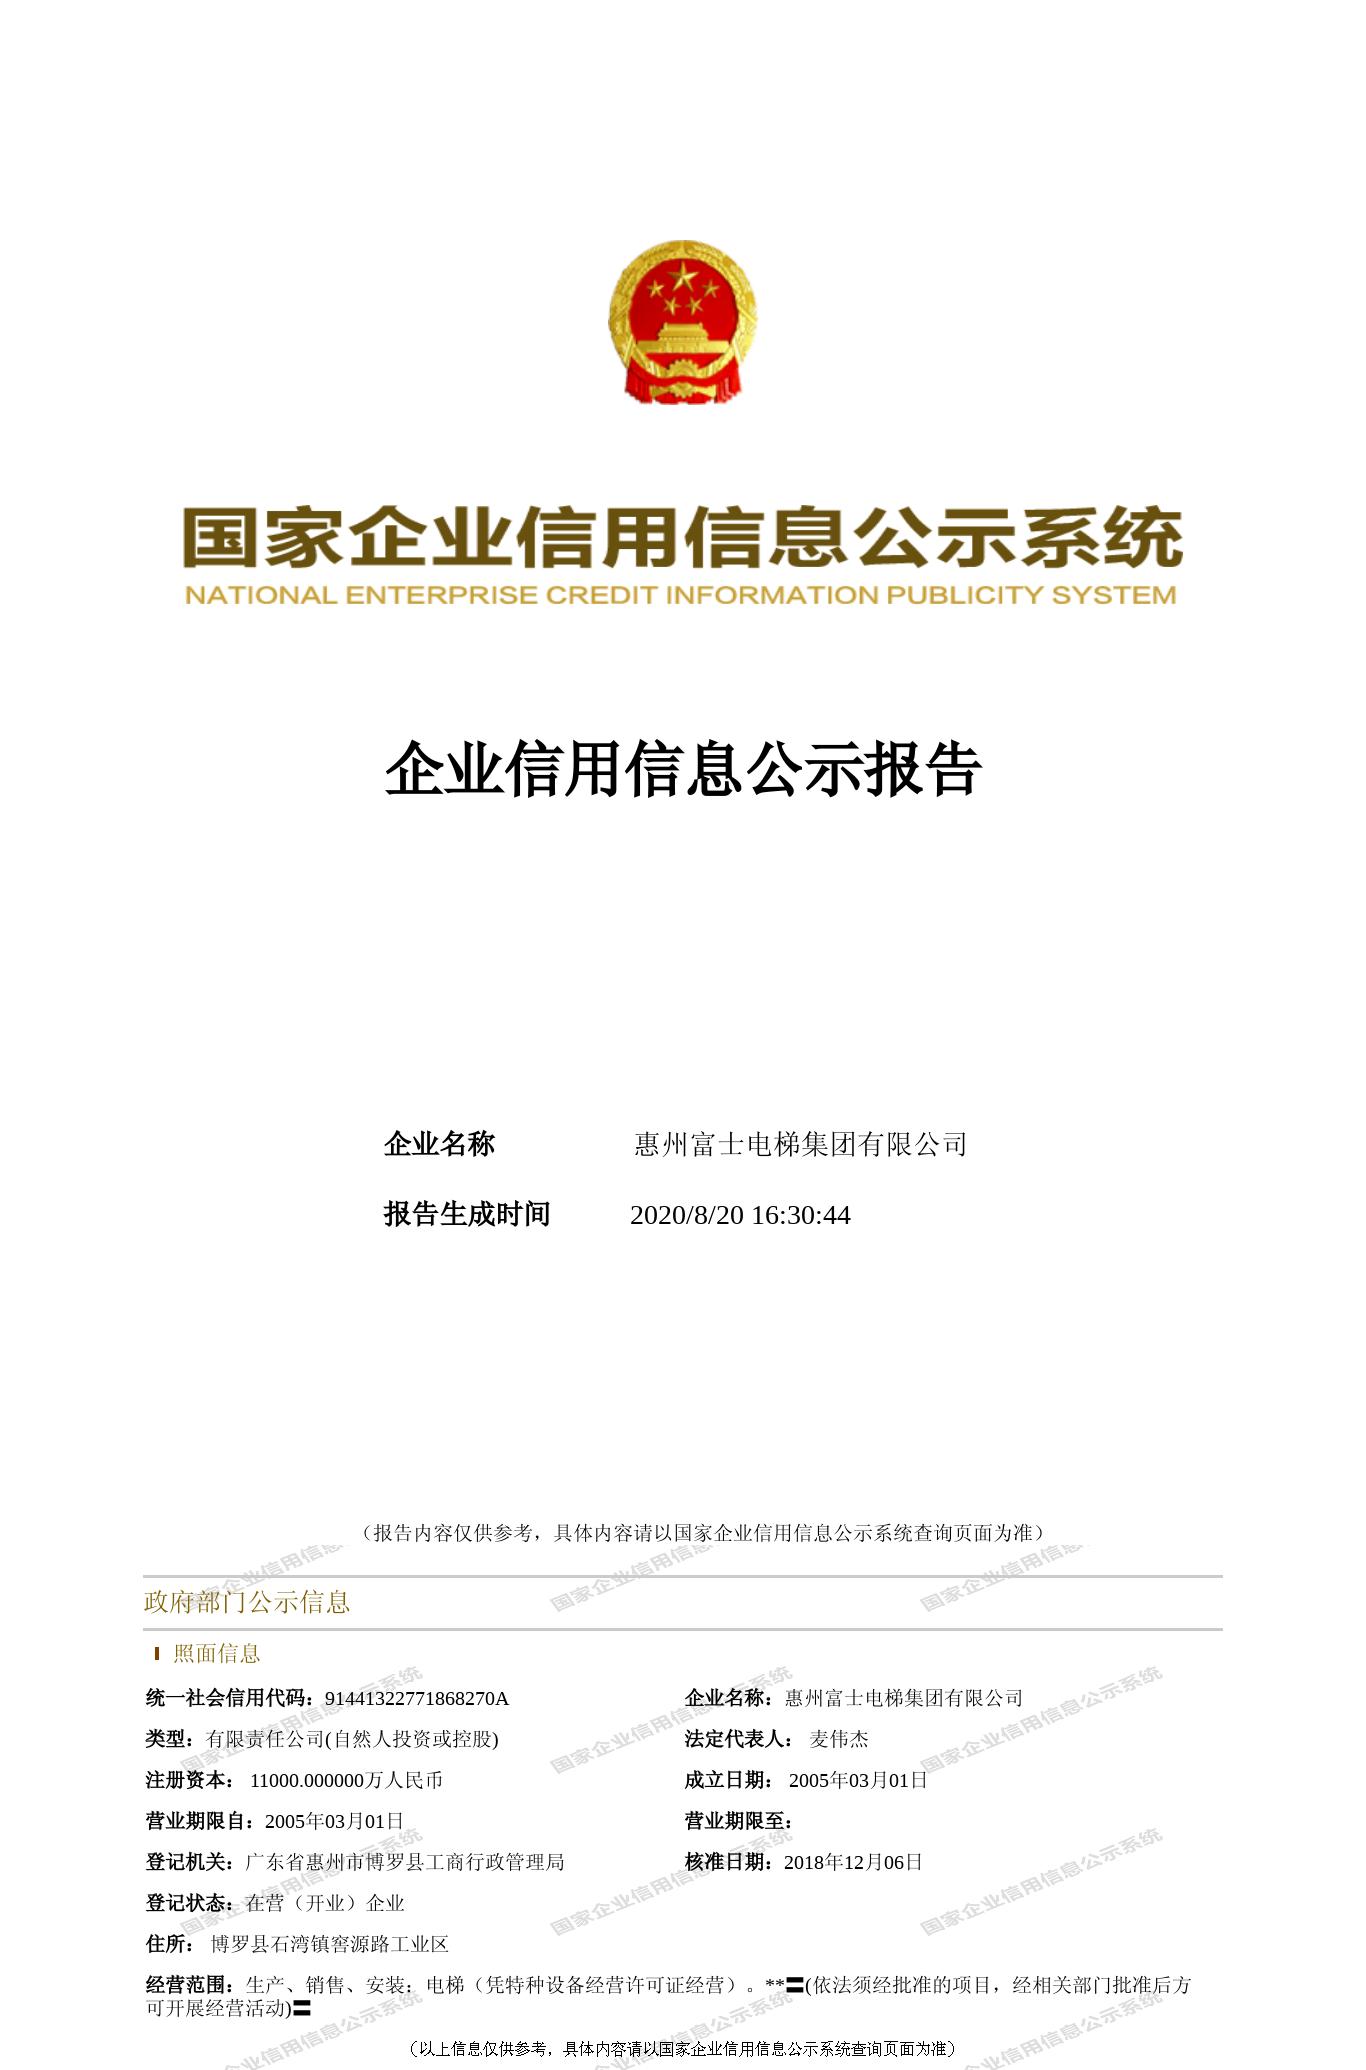 惠州富士电梯集团有限公司